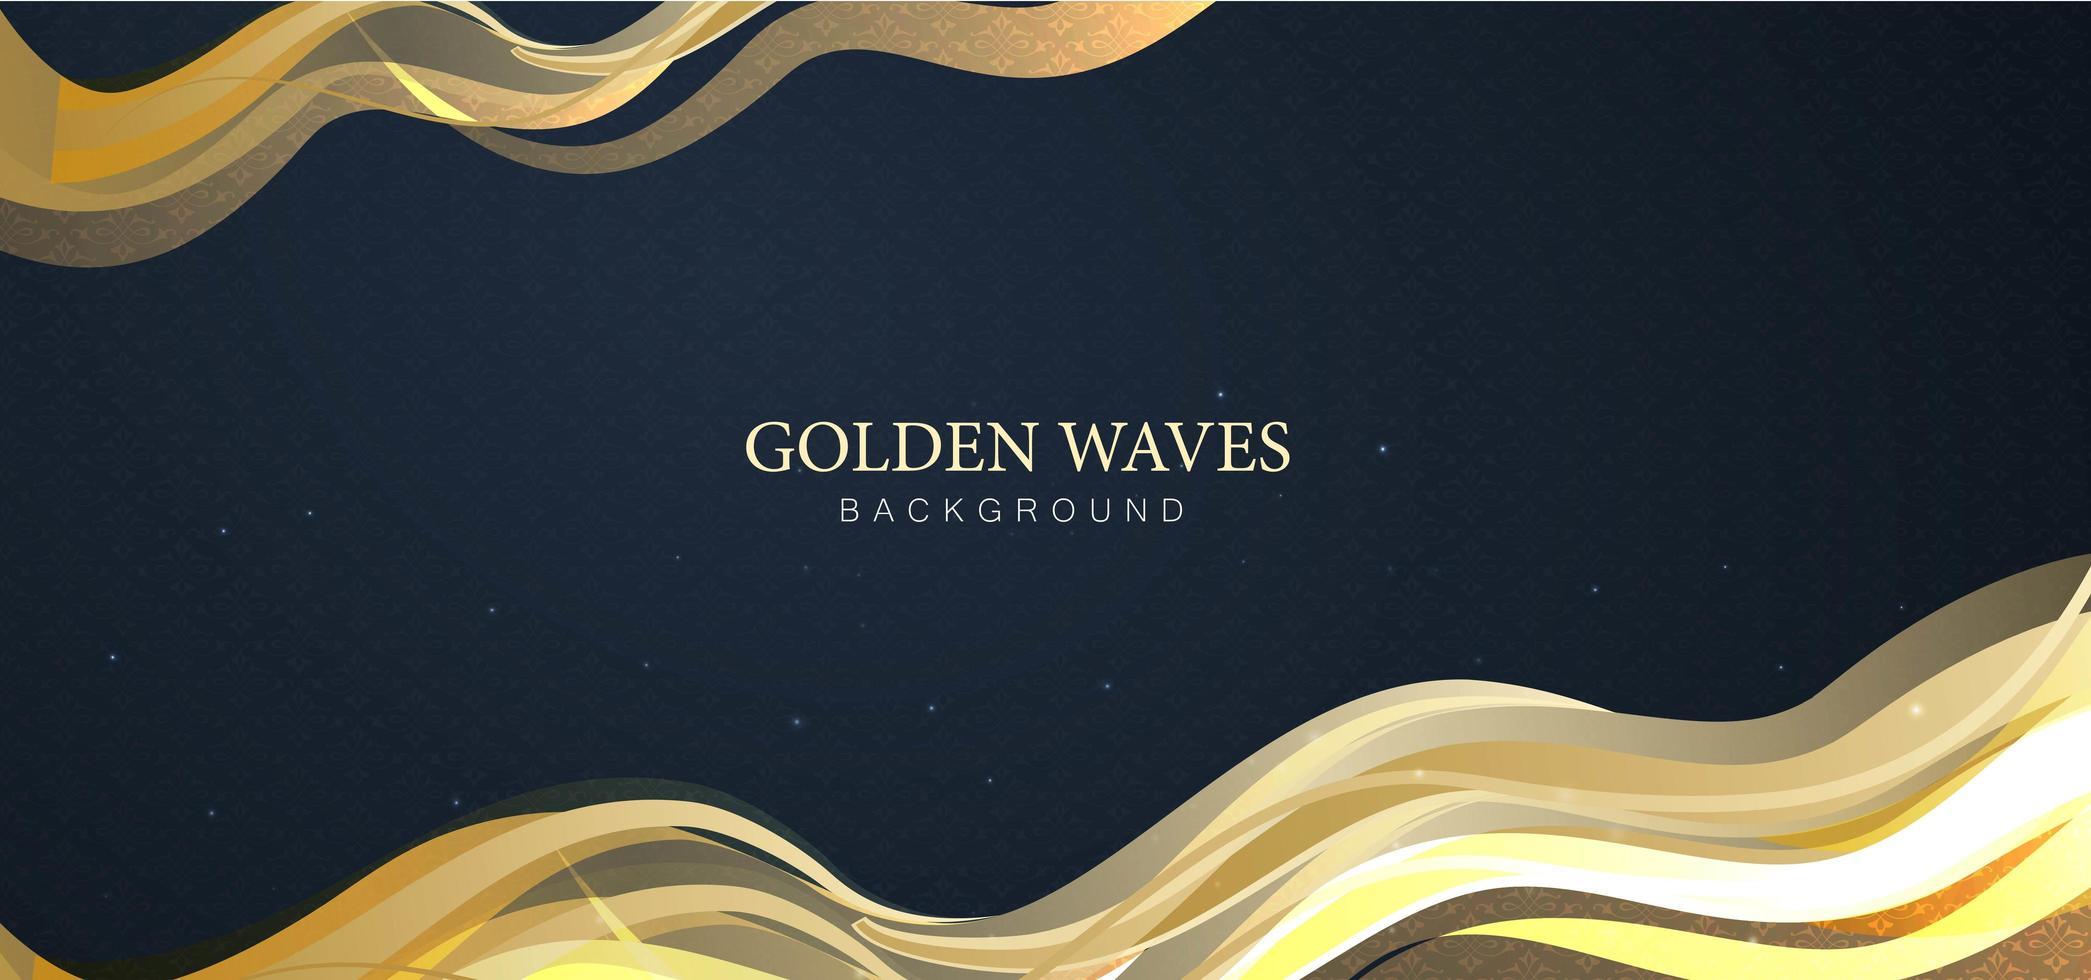 abstrakter Hintergrund der goldenen Wellen vektor